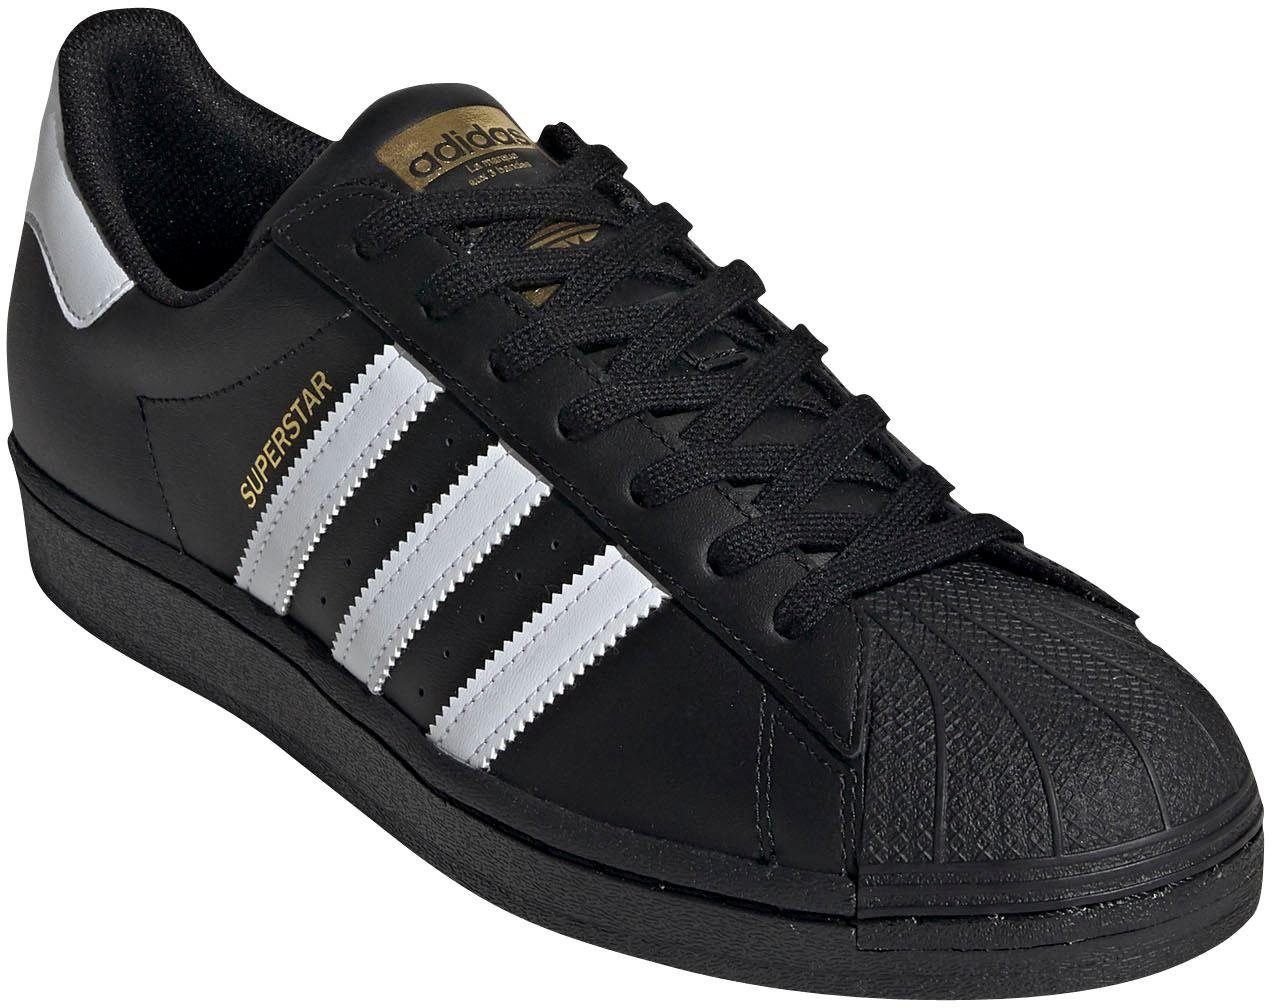 adidas Superstar damessneakers online kopen | Bekijk nu onze ...